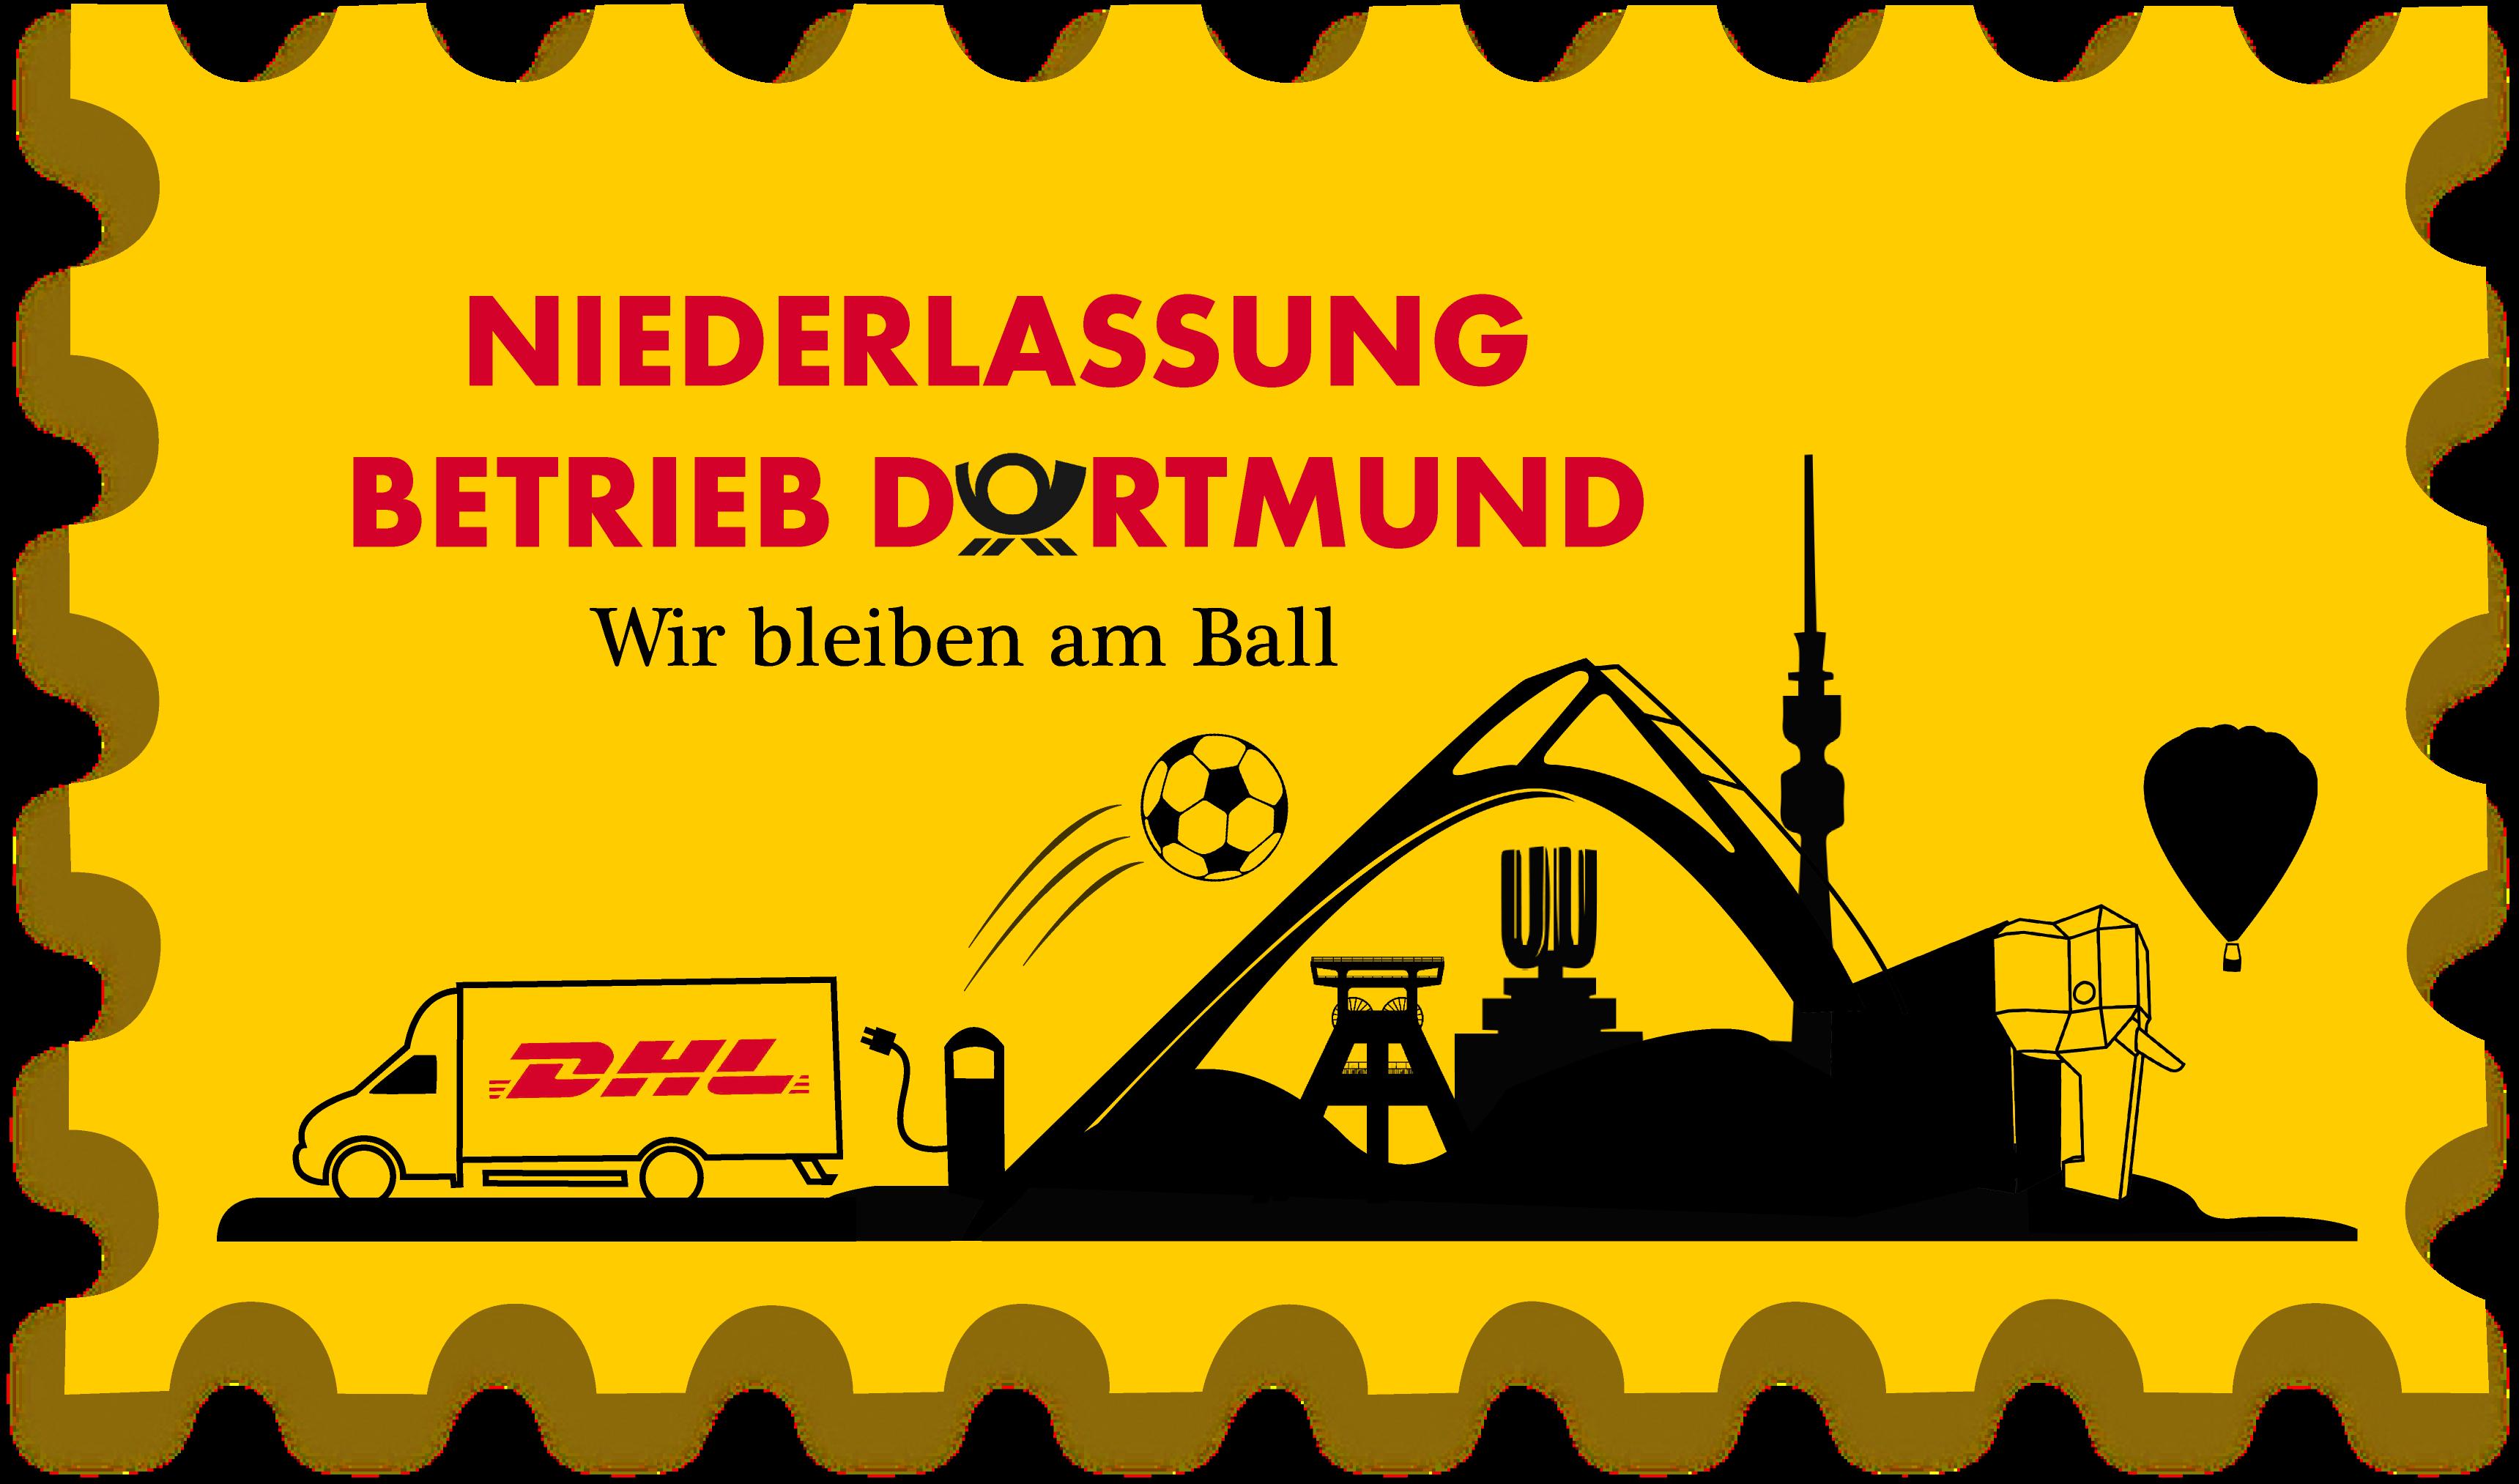 Deutsche Post Gewinnspiel